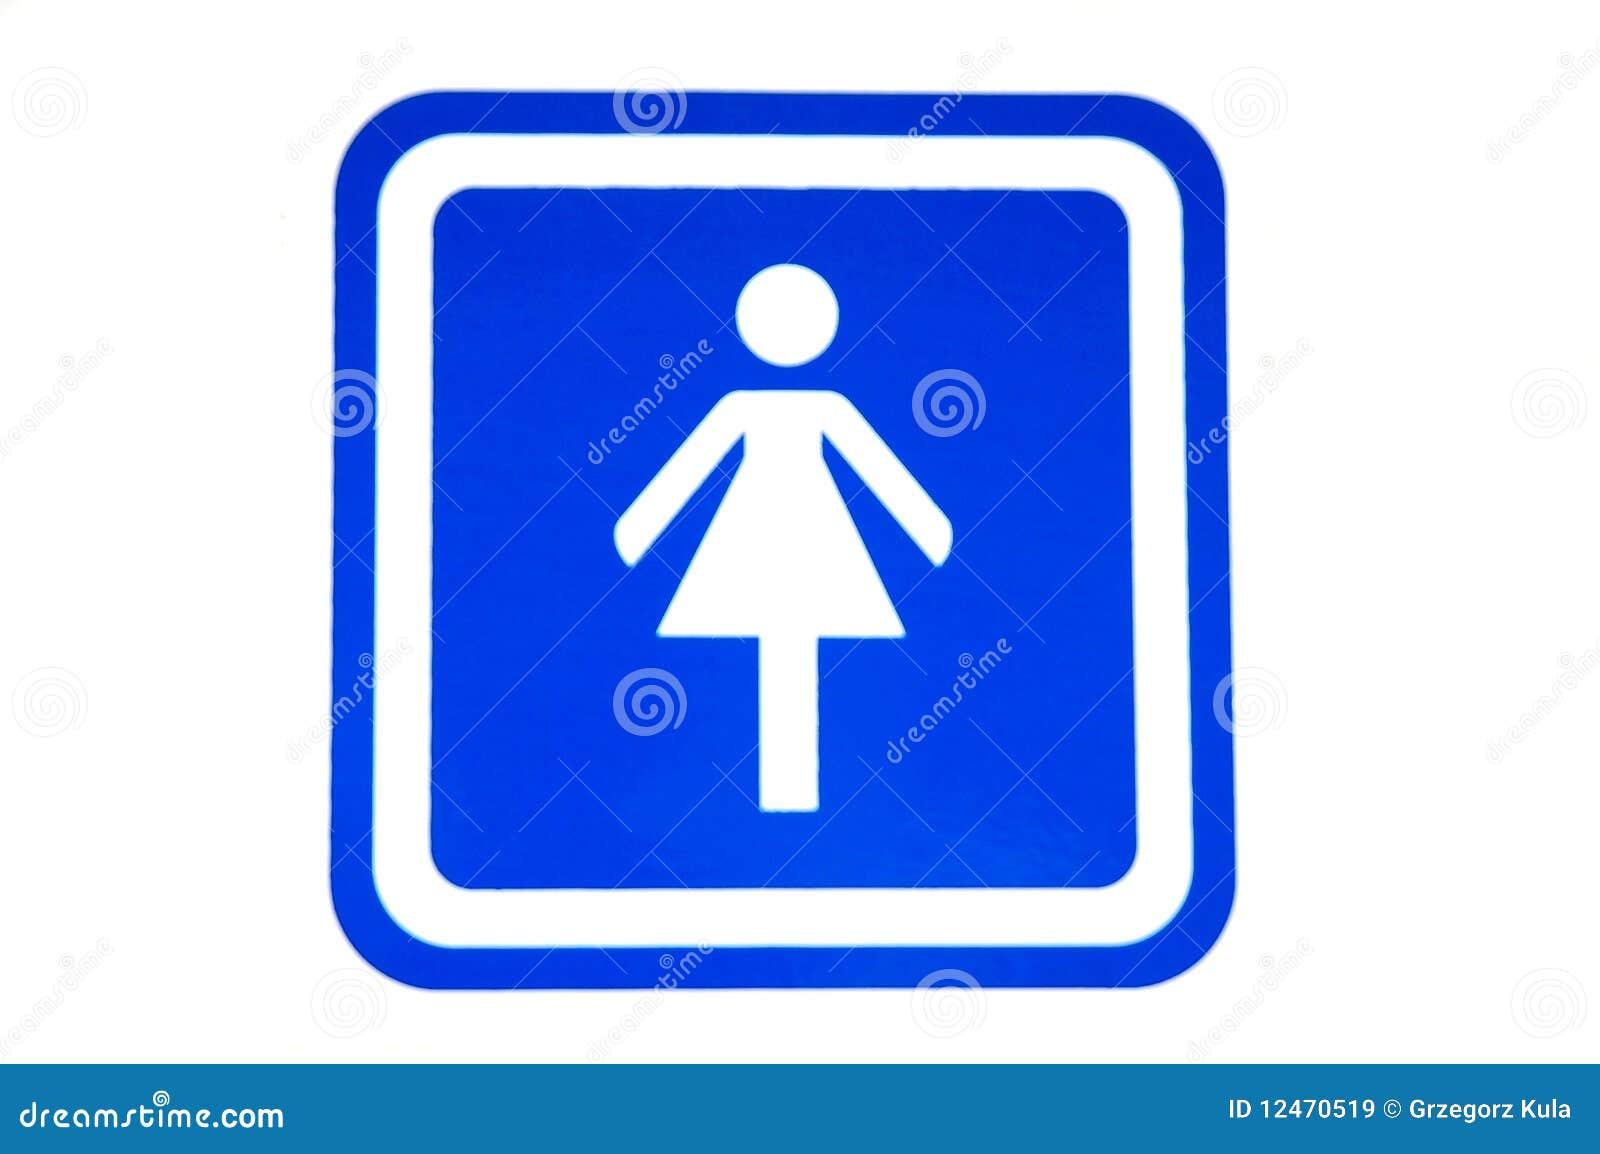 female restroom sign stock image image of gender toilet 12470519